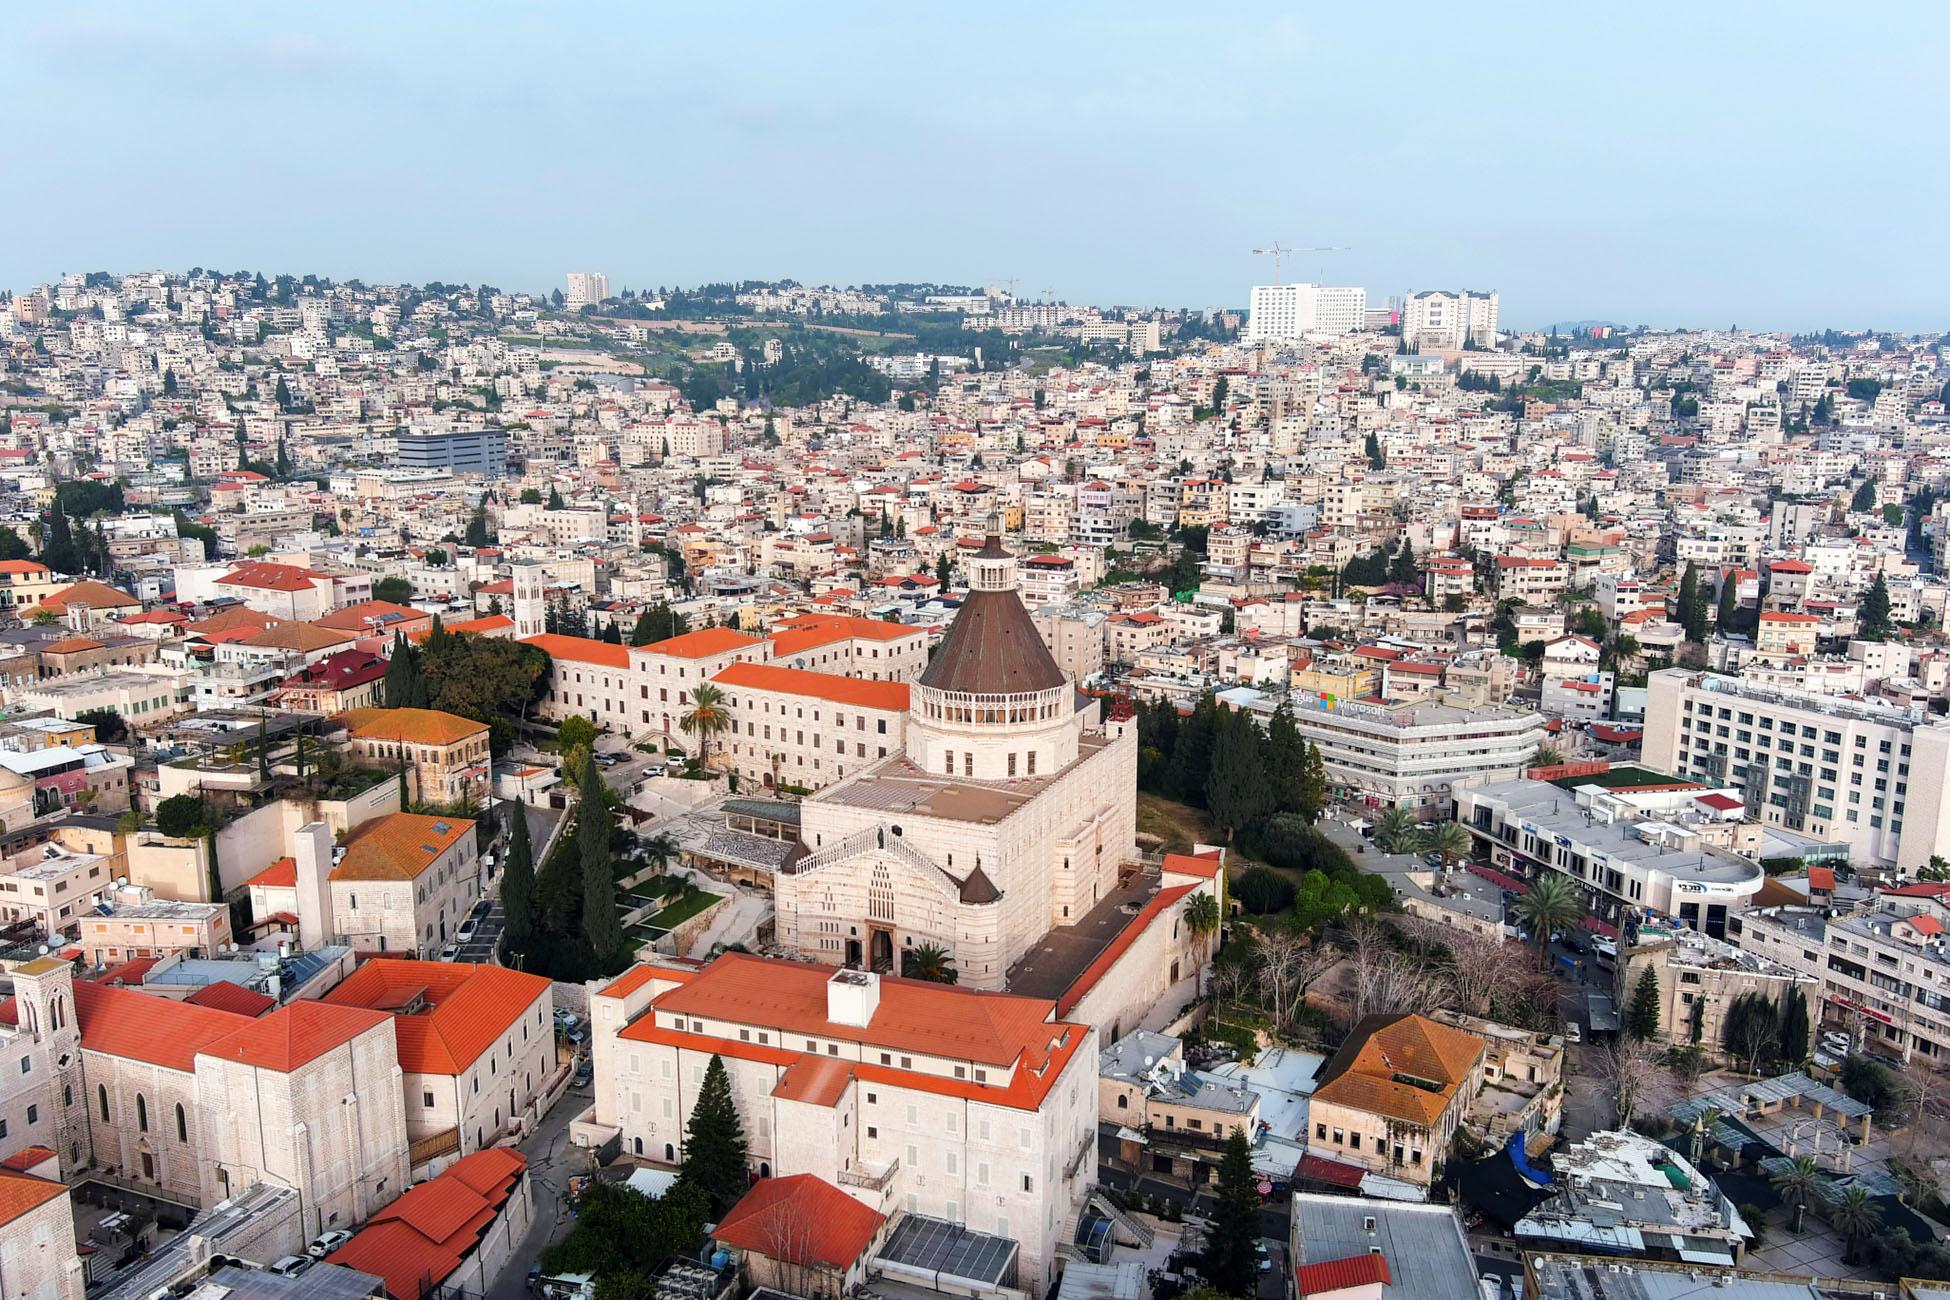 Ισραήλ: Ανοίγει τον Μάιο τον τουρισμό με αρνητικό τεστ κορονοϊού και αποδεικτικό εμβολιασμού